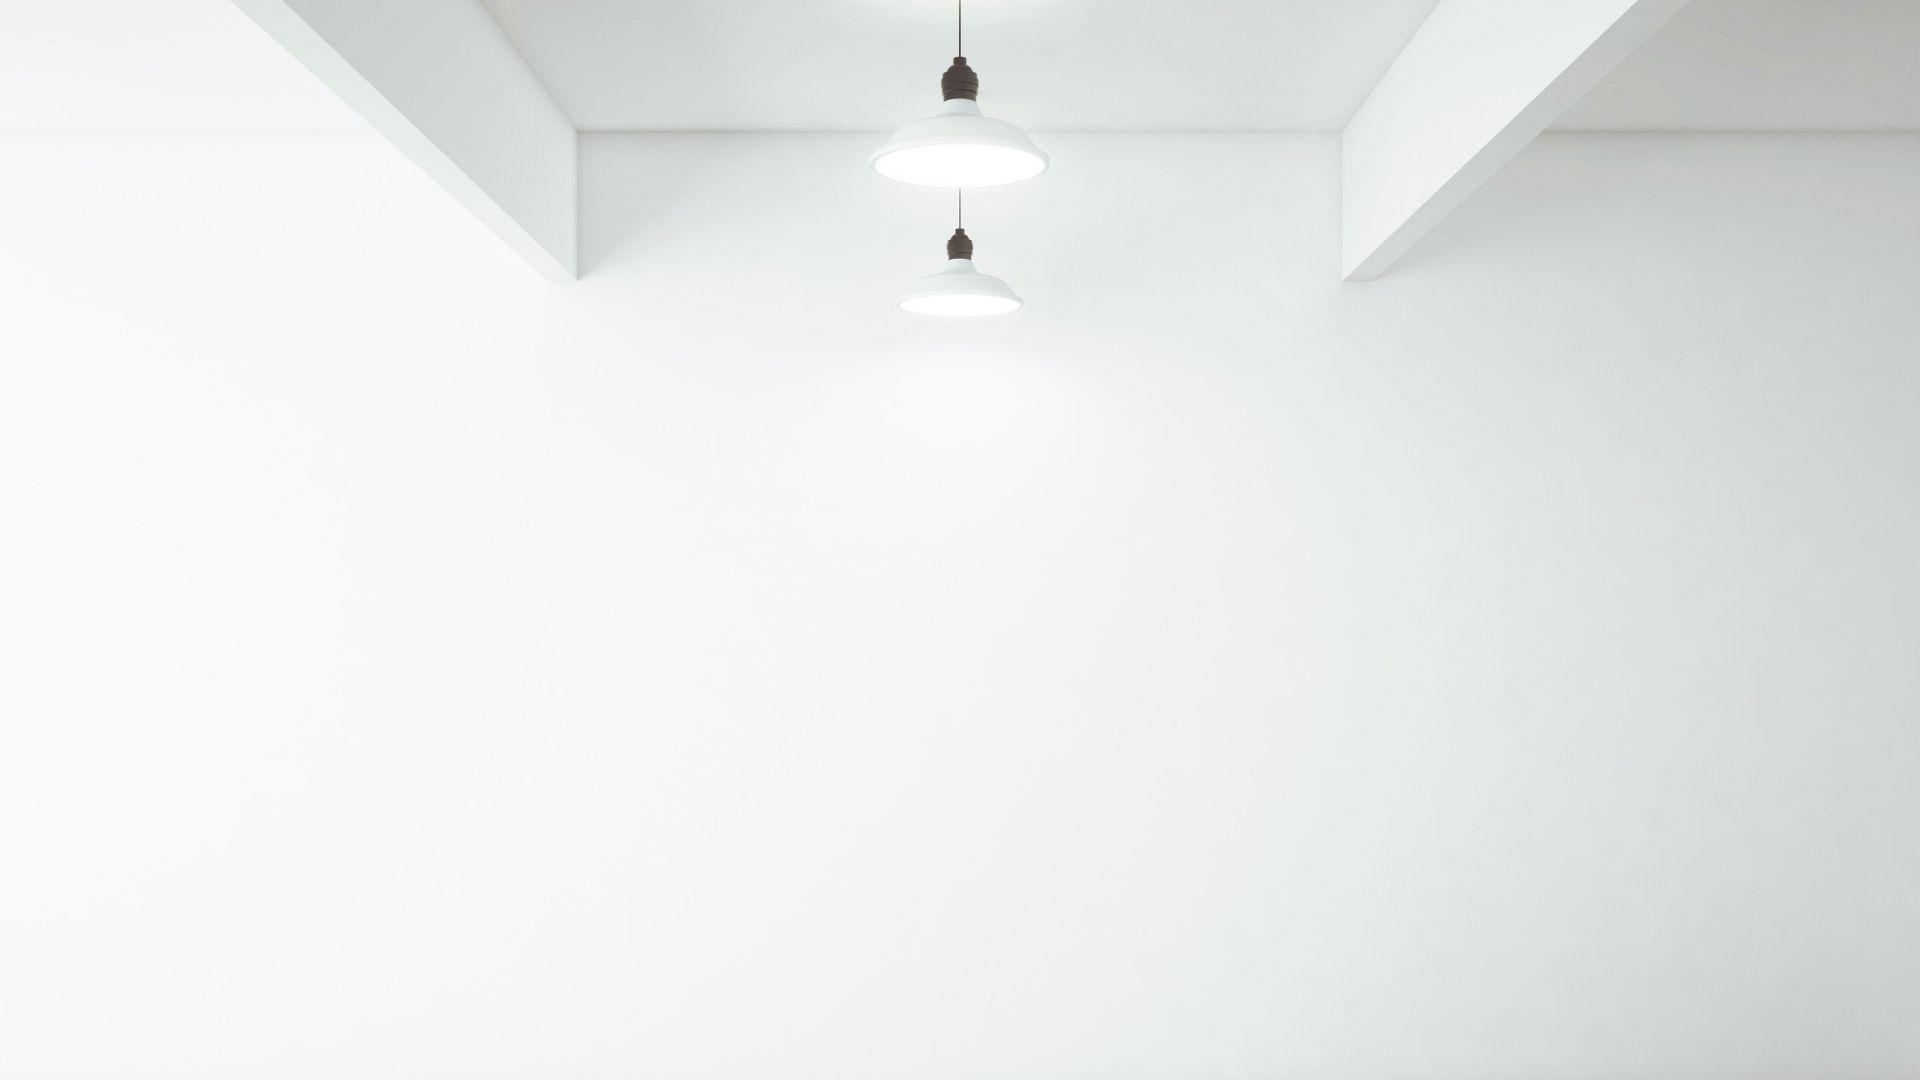 シーリングライトのある白い壁の部屋